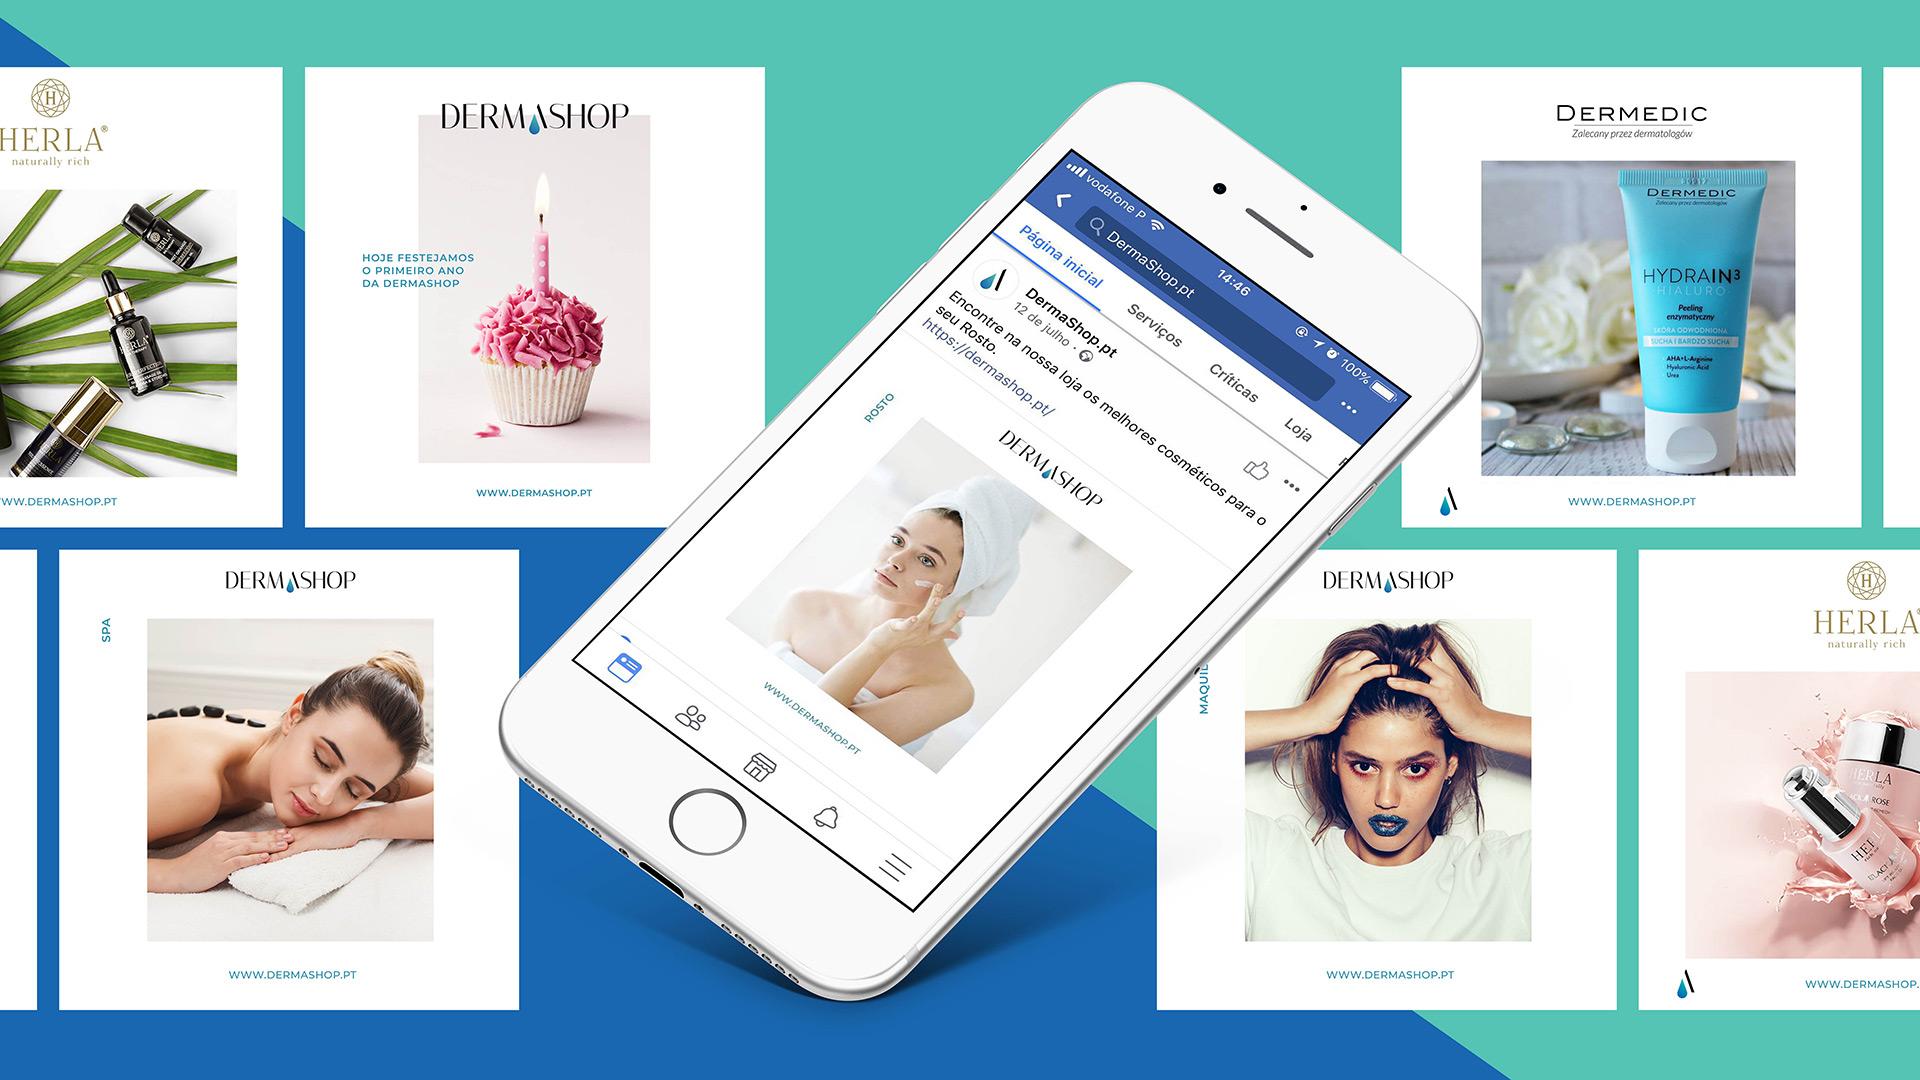 Dermashop desenvolvimento do Marketing Digital, Web design e branding